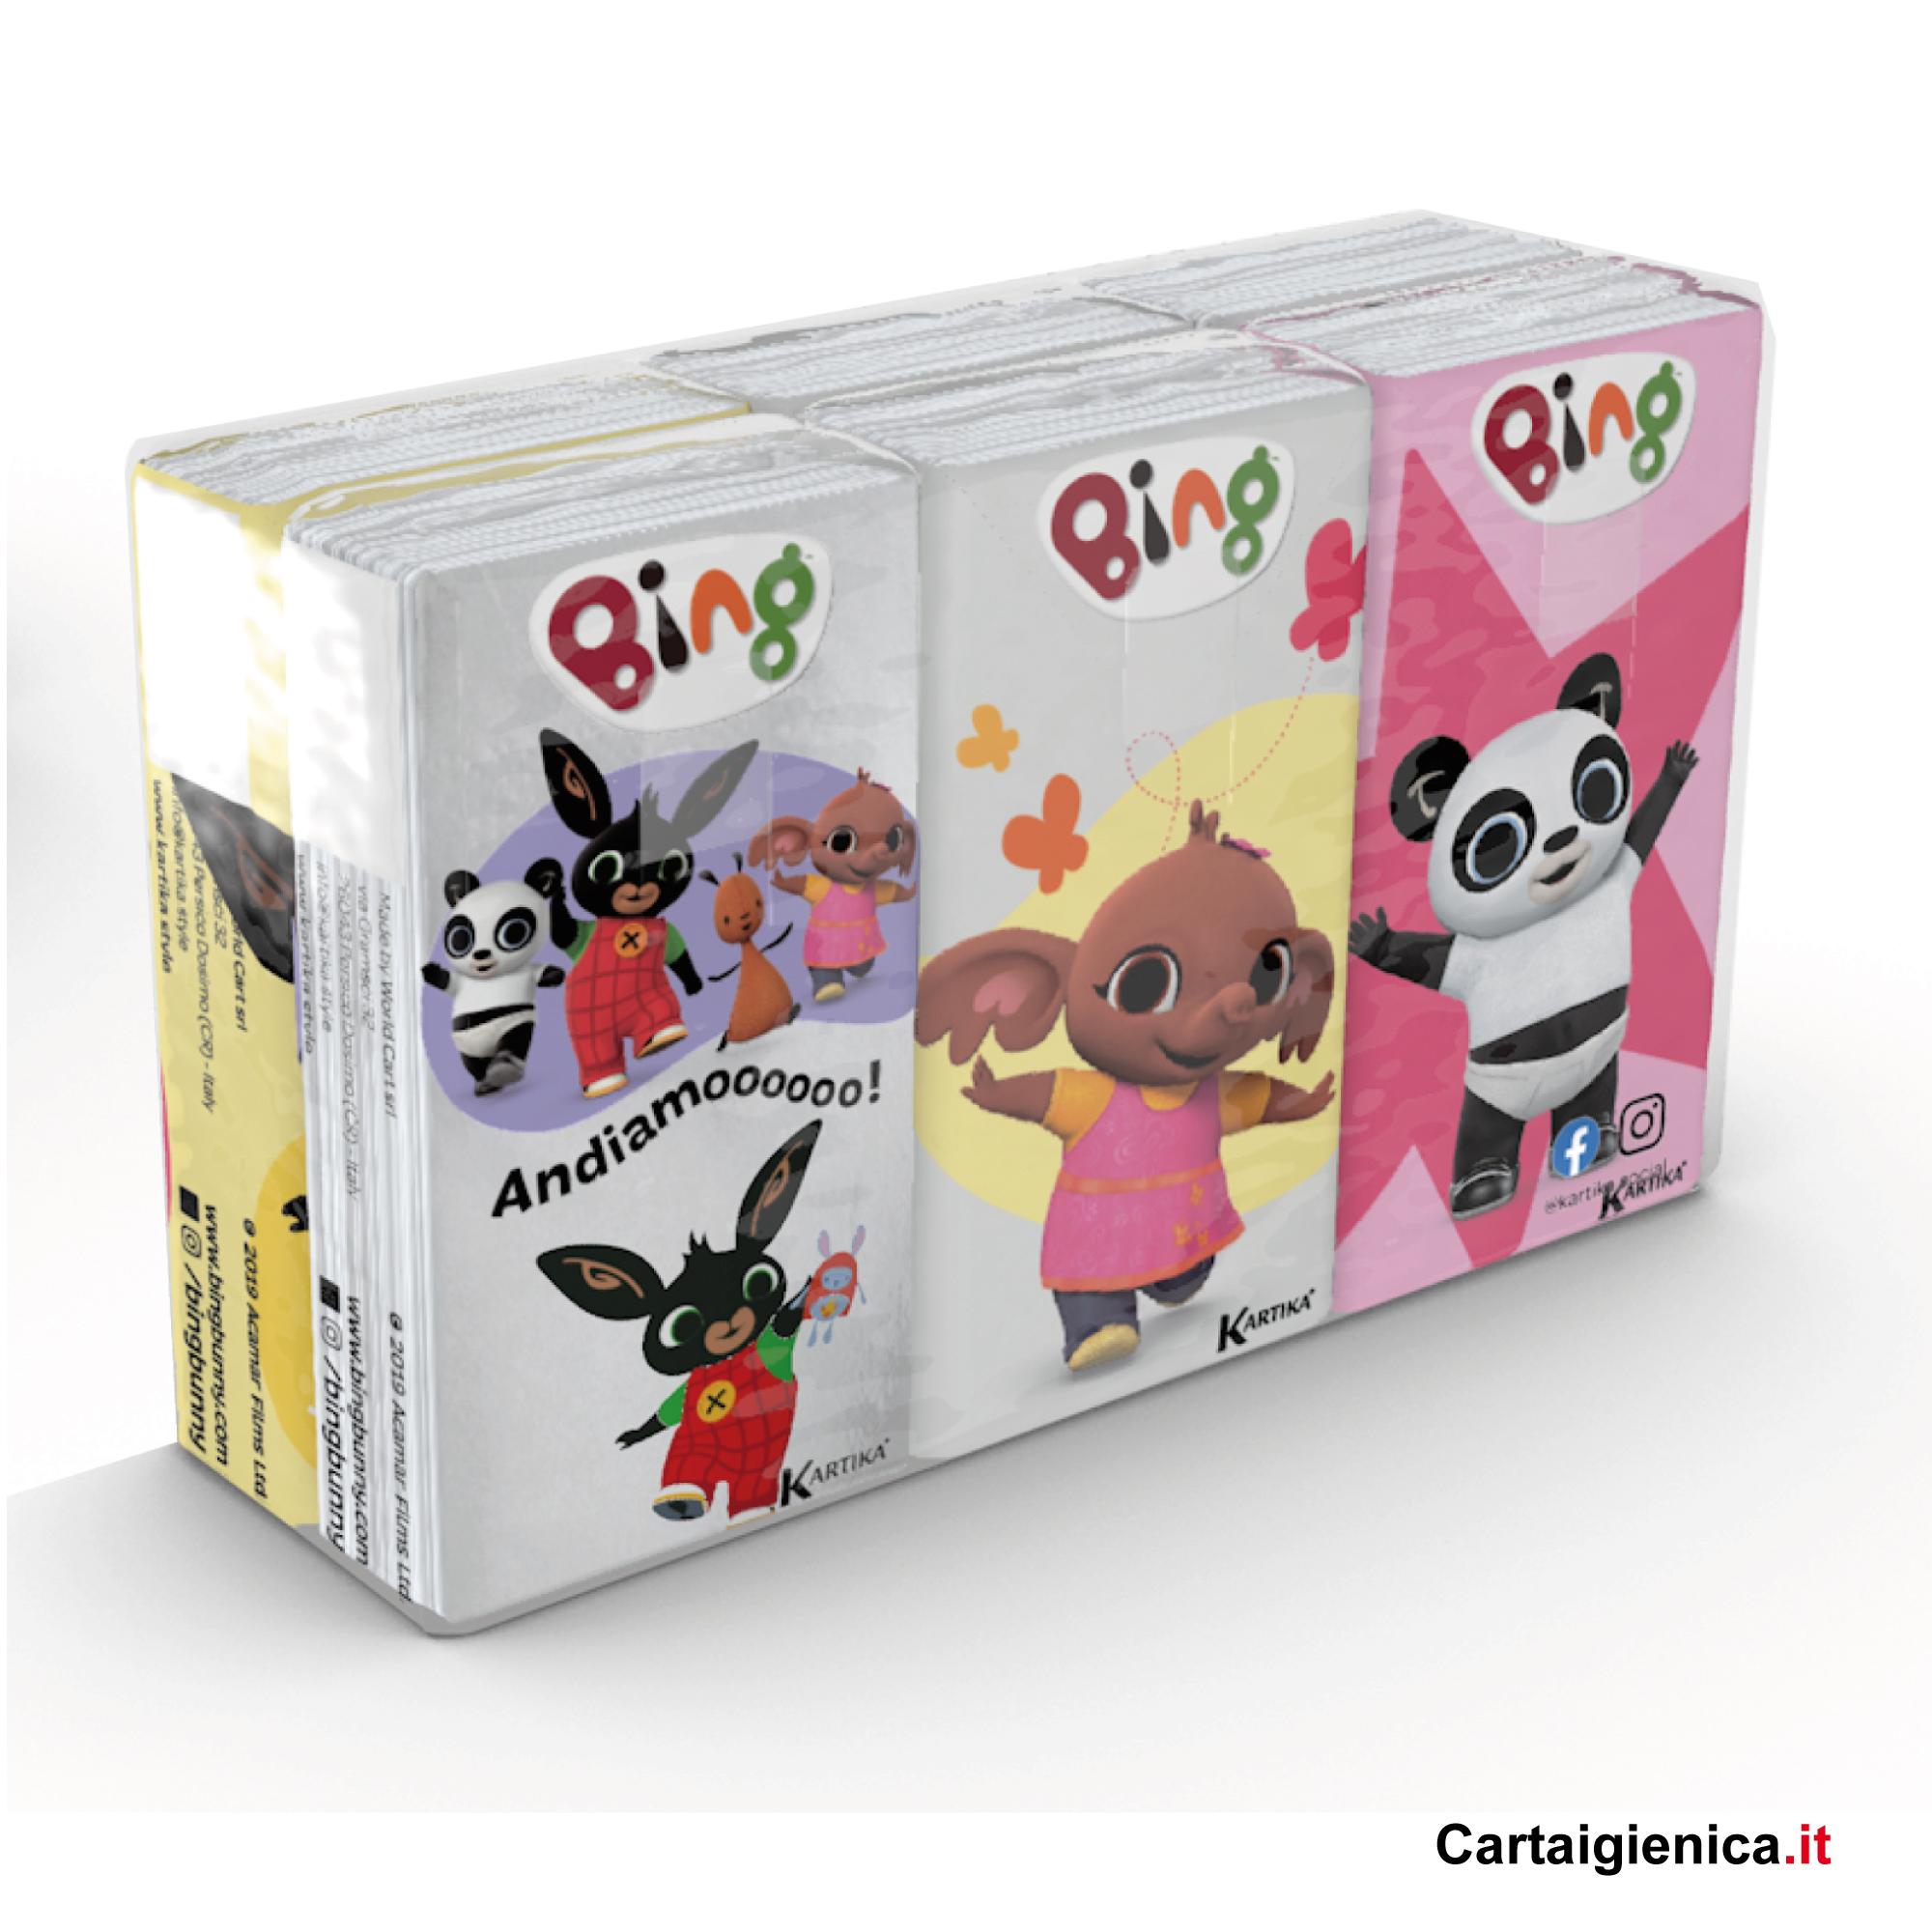 fazzoletti bing kartika style bambini fazzoletti di carta colorati pacchetti 6